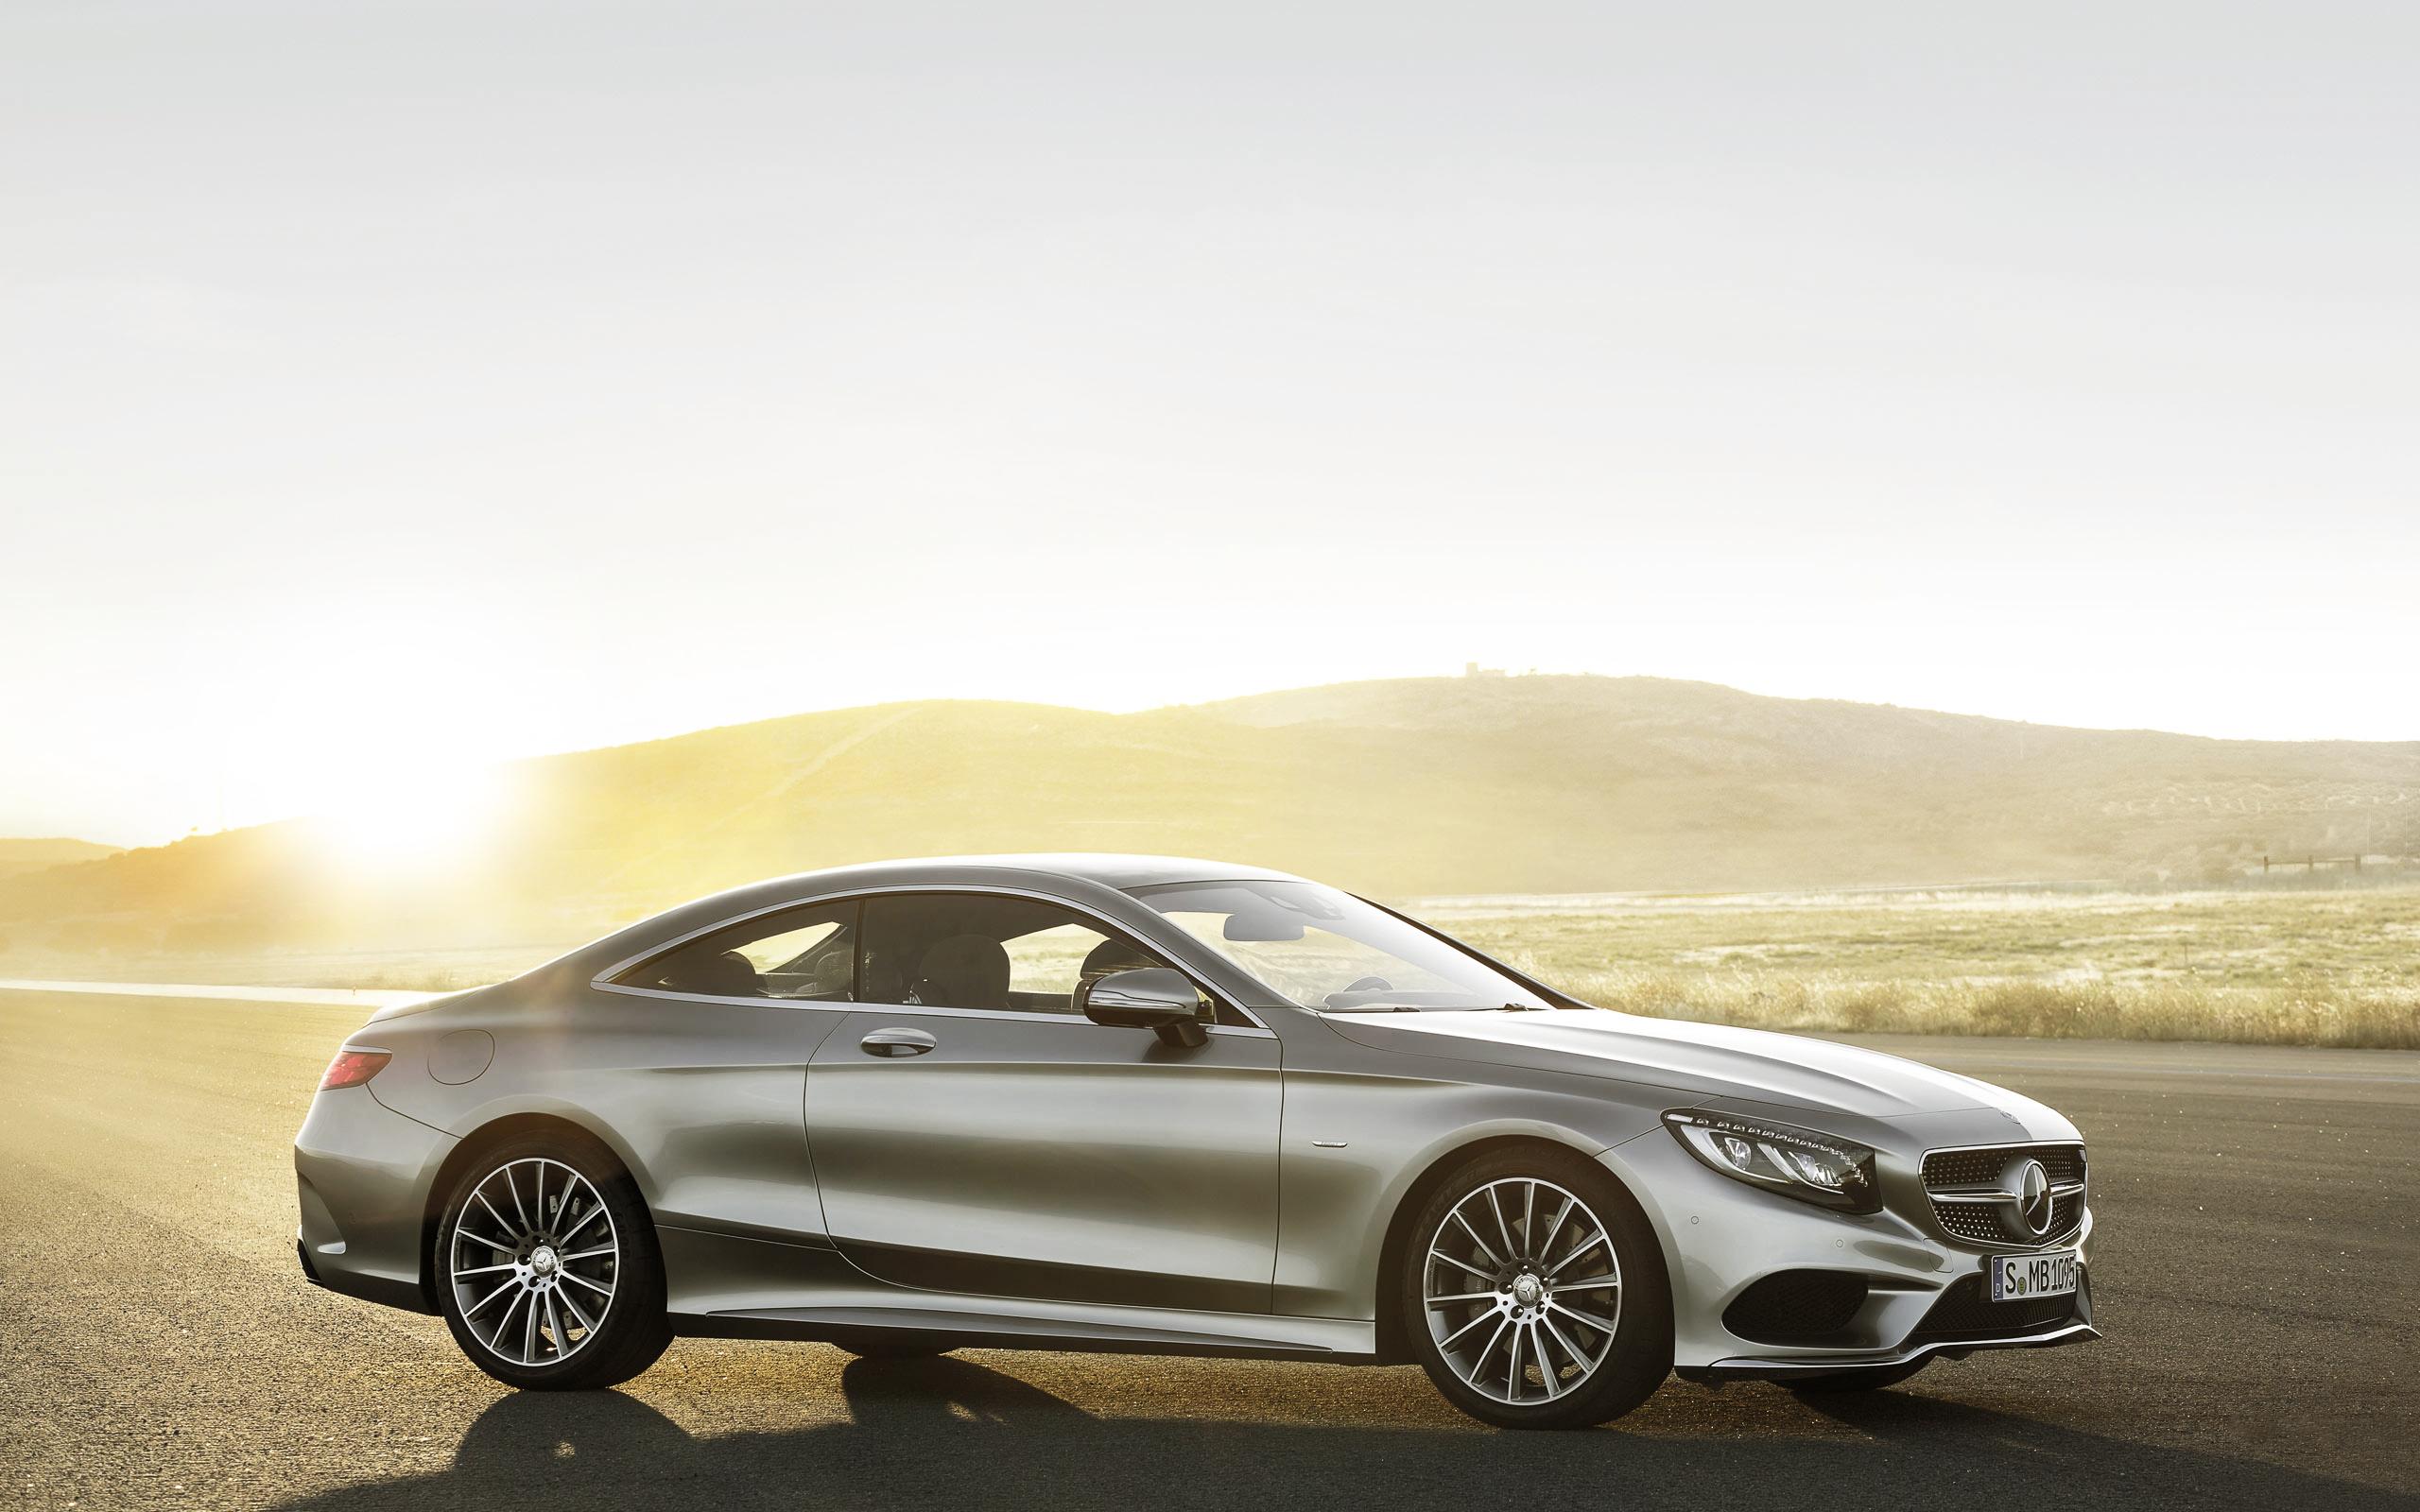 мерседес серебристый Mercedes silver  № 287974 загрузить